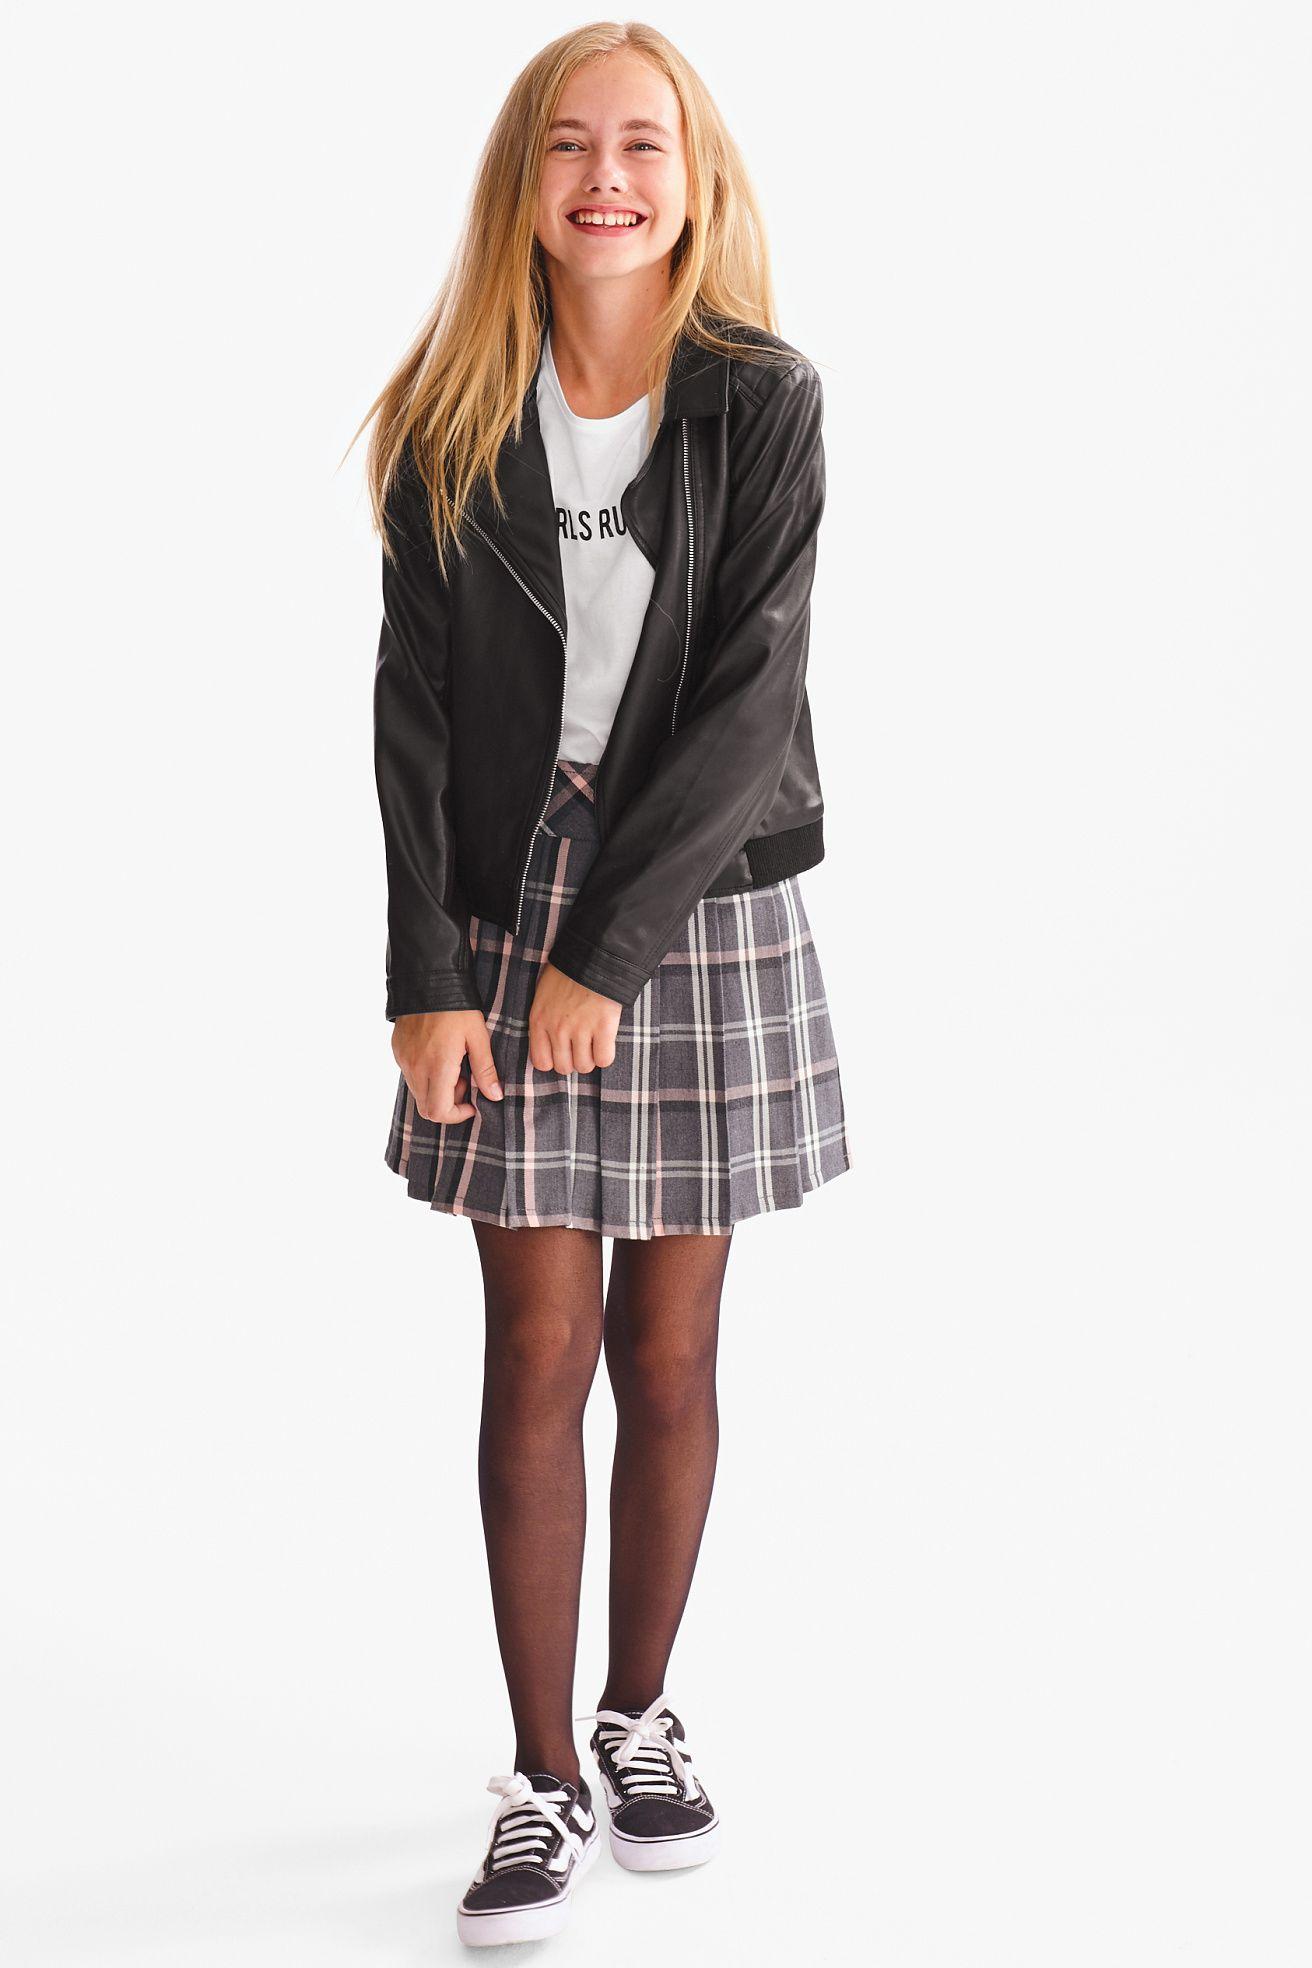 Rock Kariert C A Kinderbekleidung Madchen Strumpfhosen Outfit Kleid Fur Jugendliche